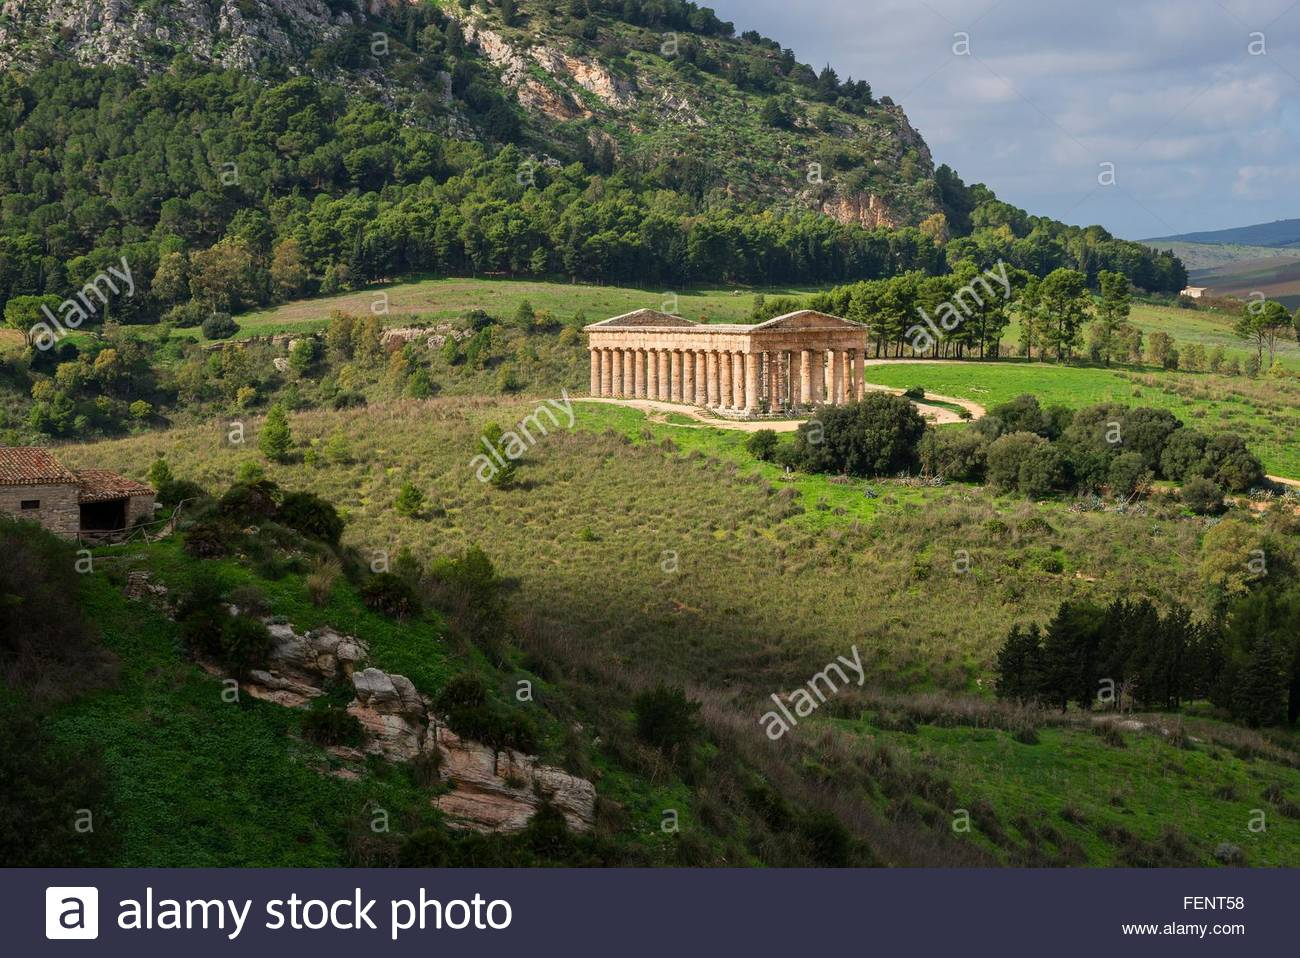 Paysage surélevée et temple de Ségeste, Segesta, Sicile, Italie Photo Stock